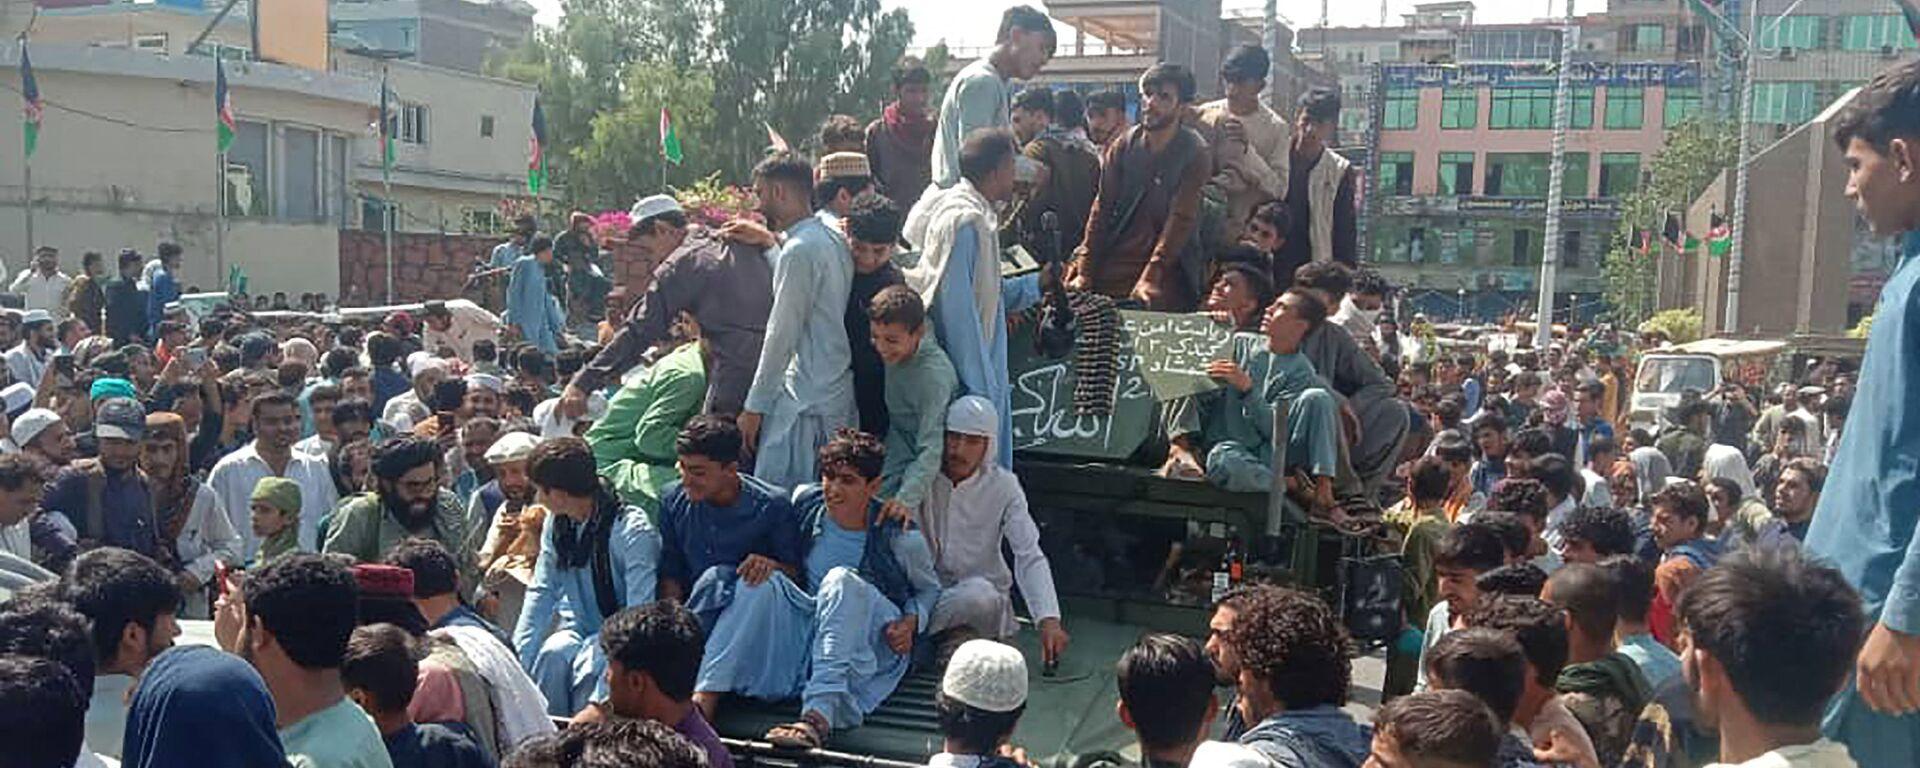 Bojownicy Talibana* i lokalni mieszkńcy siedzą w samochodzie Hammer Afgańskiej Armii Narodowej na ulicy w prowincji Dżalalabad 15 sierpnia 2021 roku. - Sputnik Polska, 1920, 17.08.2021